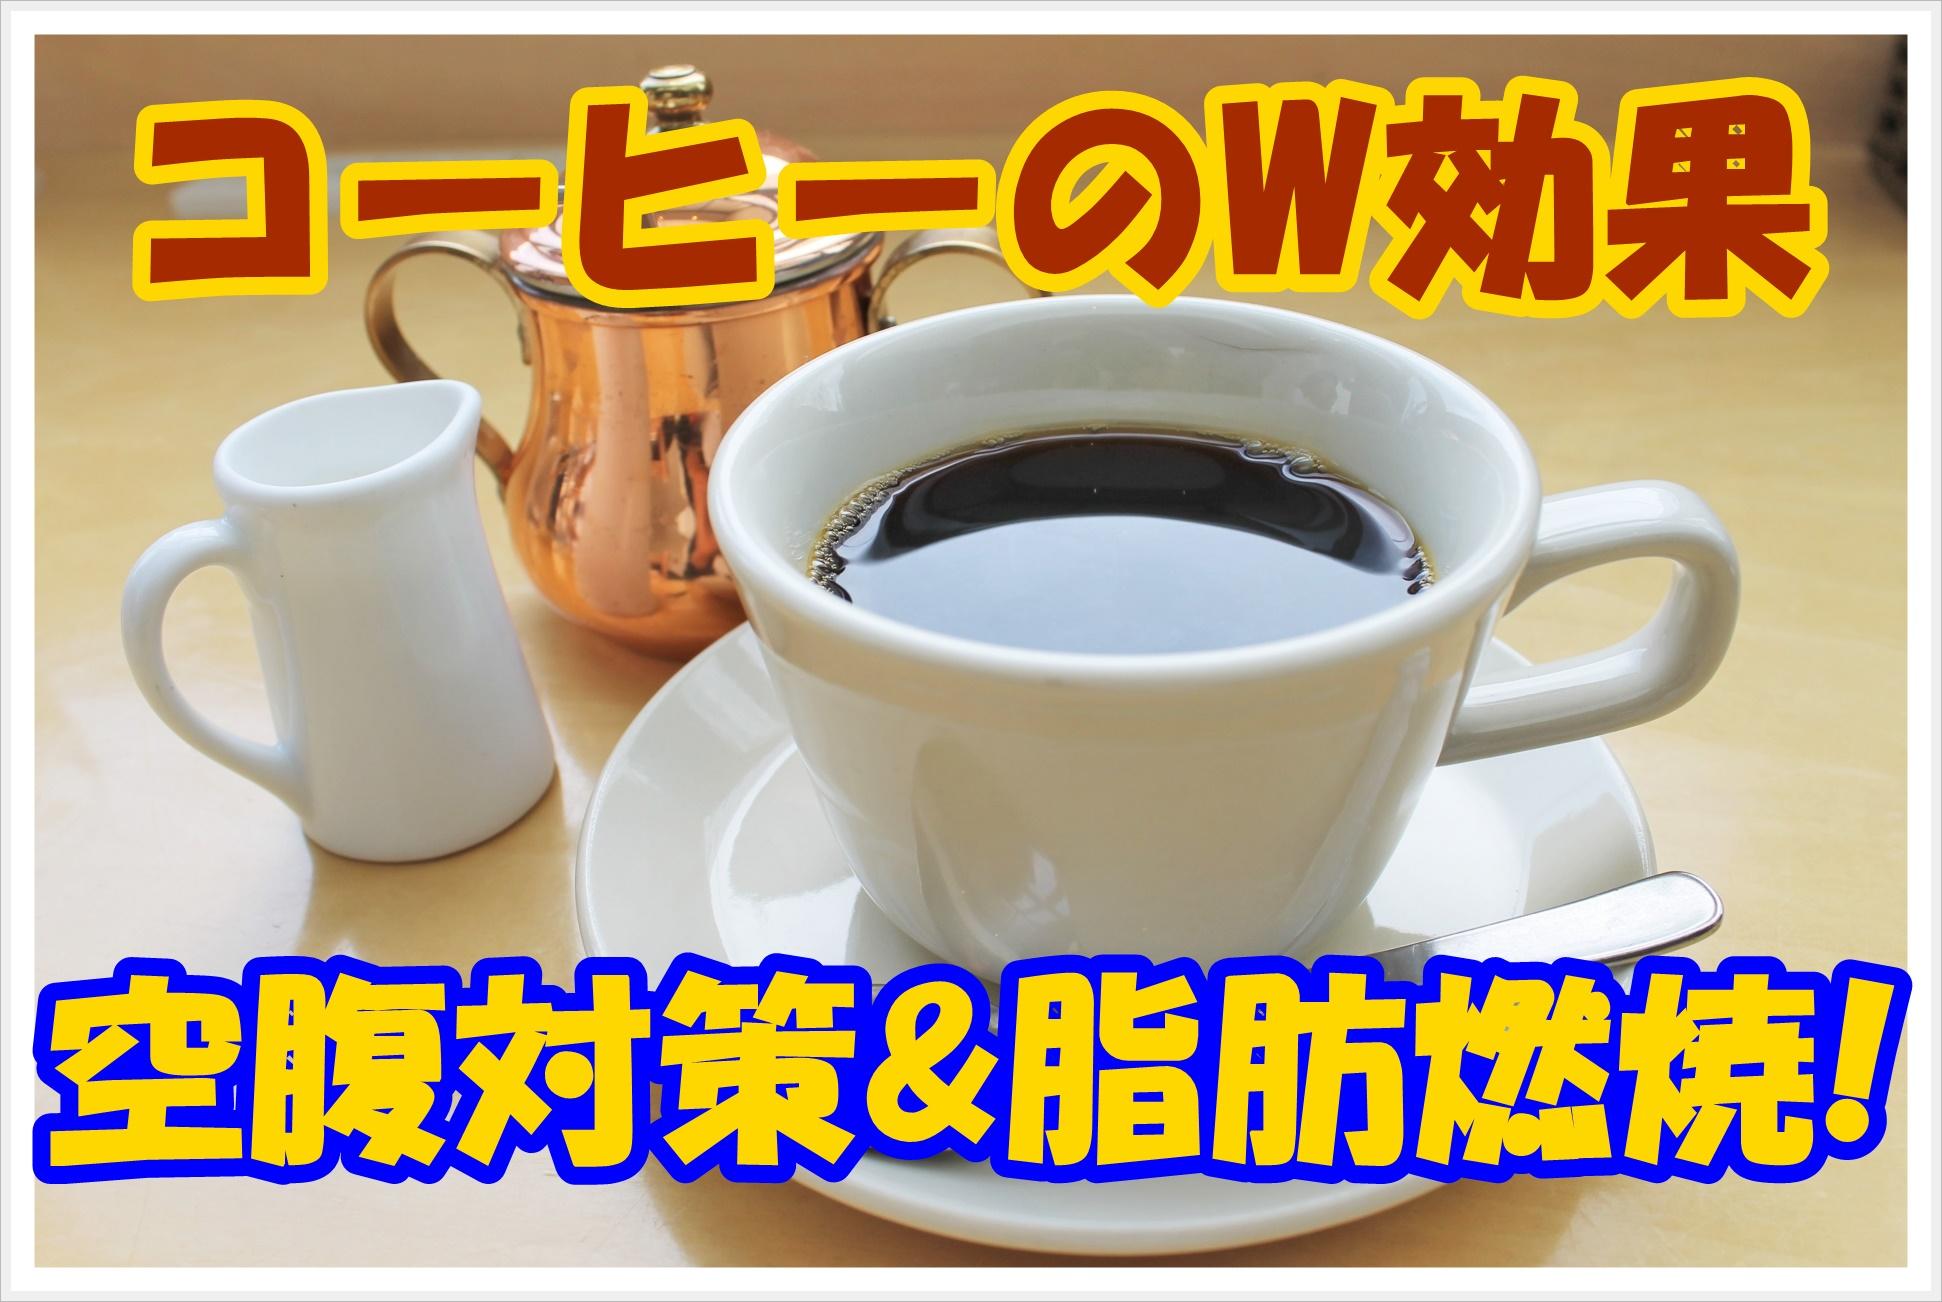 コーヒーで空腹対策と脂肪燃焼!ダイエットのW効果を得よう